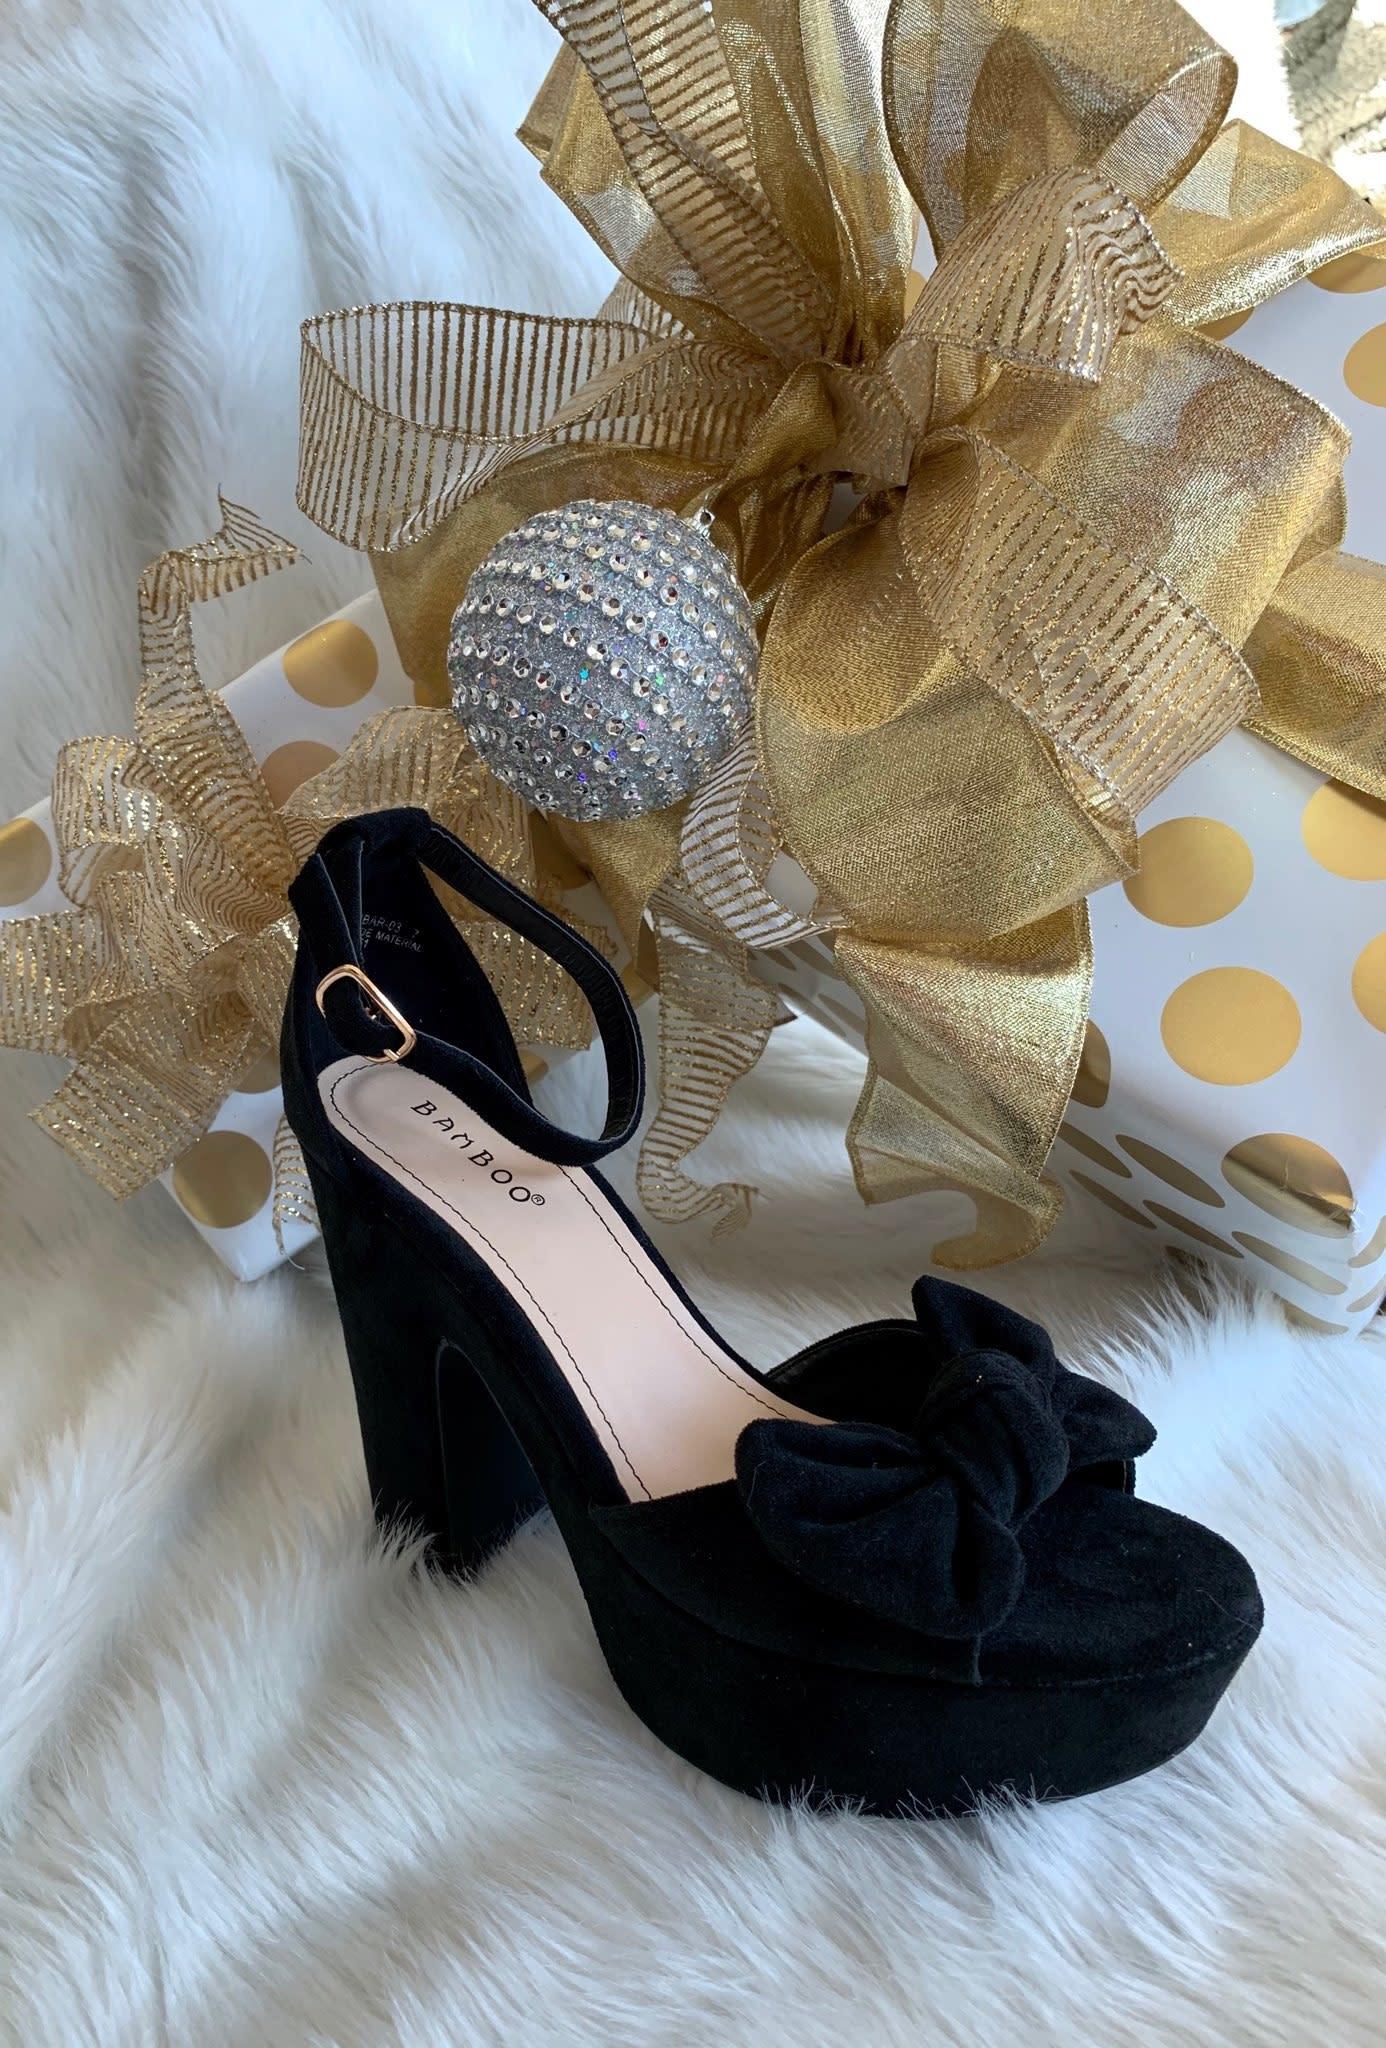 Black Bow Tie Peep Toe Heeled Sandals